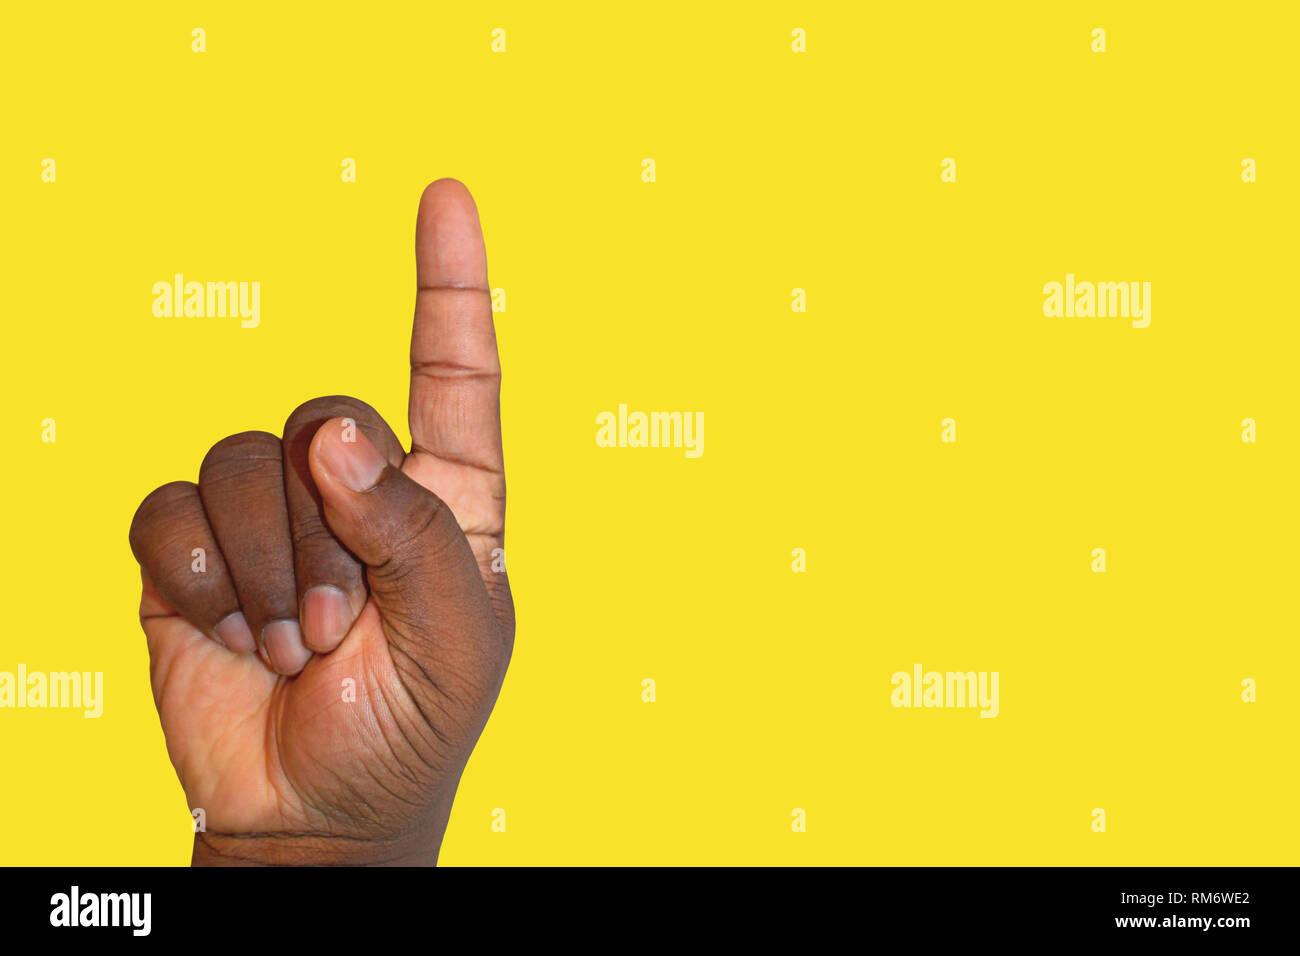 Erhobenen hand um Erlaubnis zu fragen oder Beantwortung einer Frage - Zeigefinger nach oben, Ehrenamt oder identifizieren Stockbild